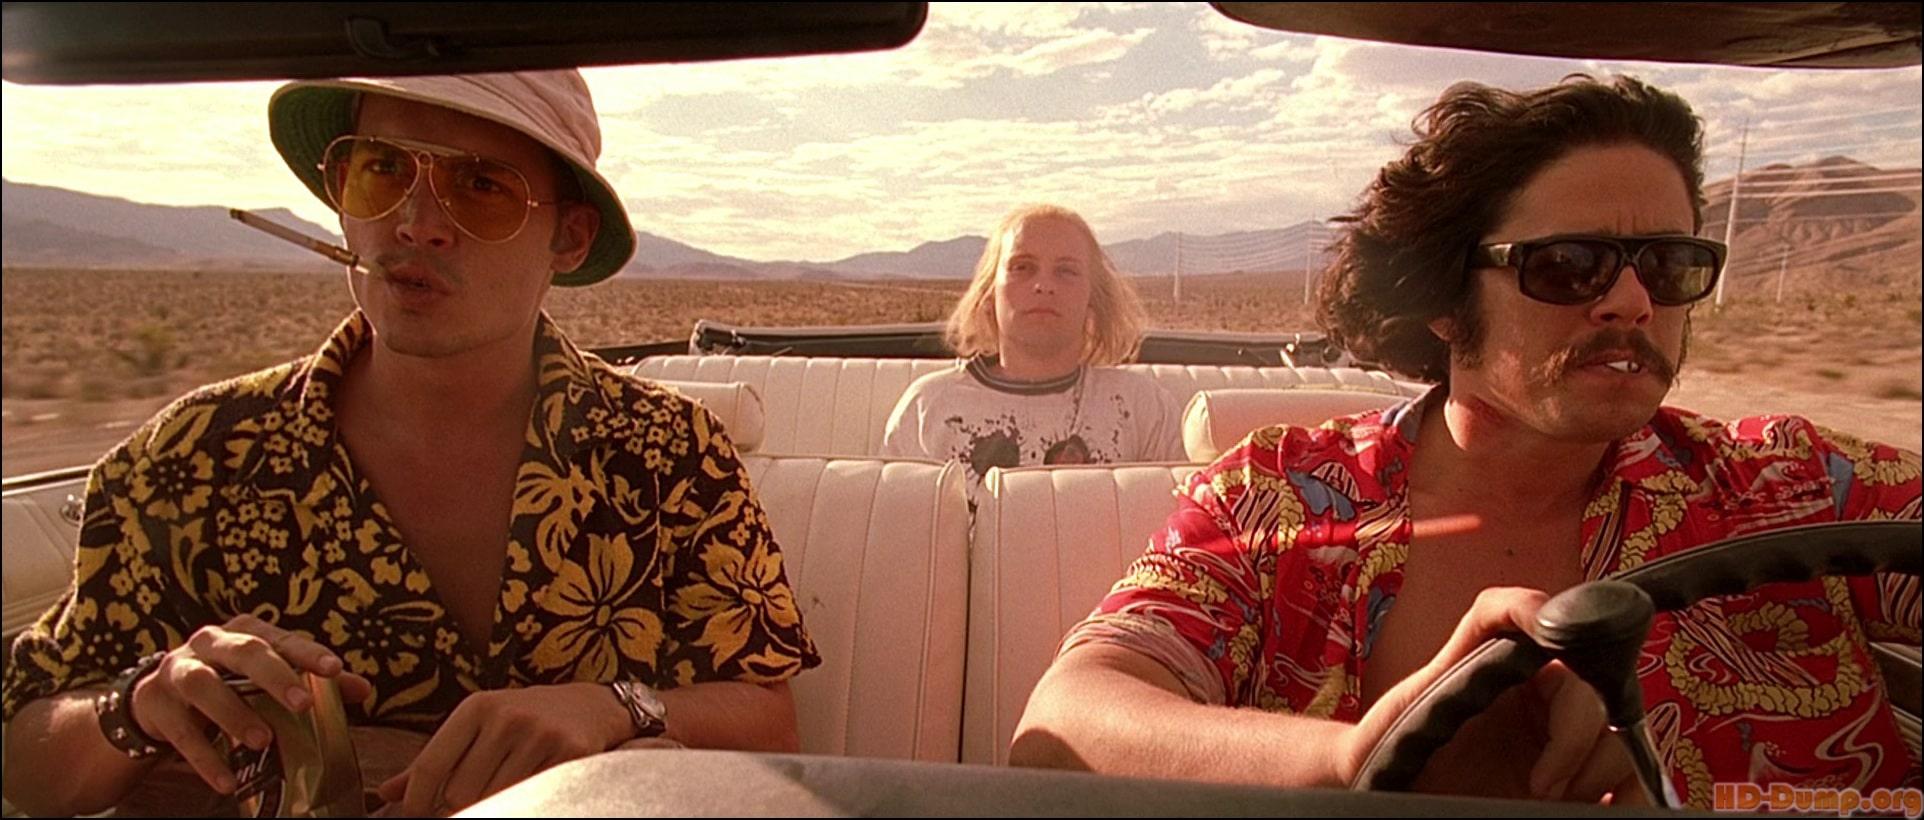 Unheralded Scene Fear Loathing In Las Vegas 1998